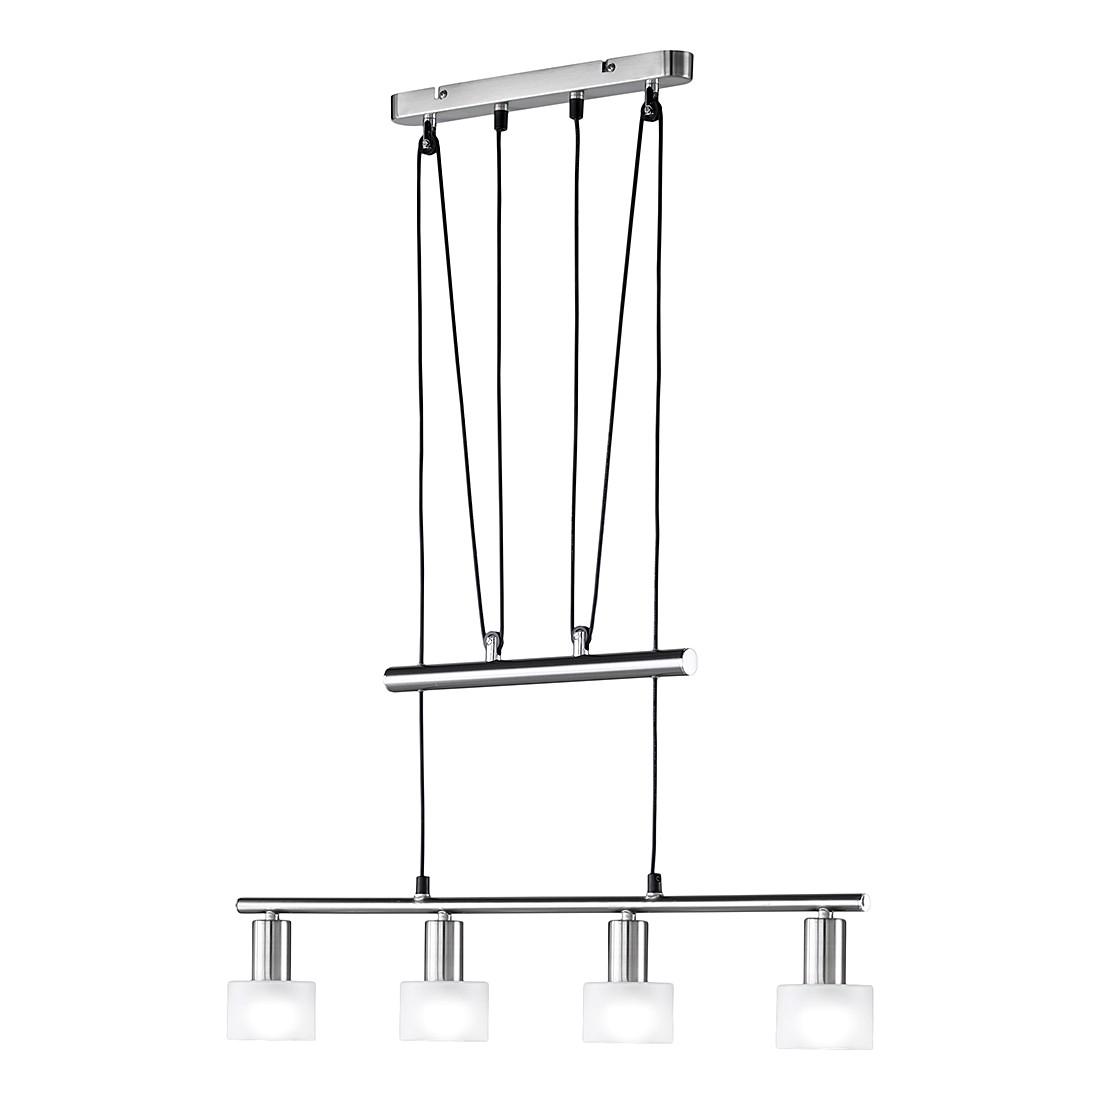 EEK A++, LED-Balken – Nickel – 4×4 W, Trio jetzt kaufen